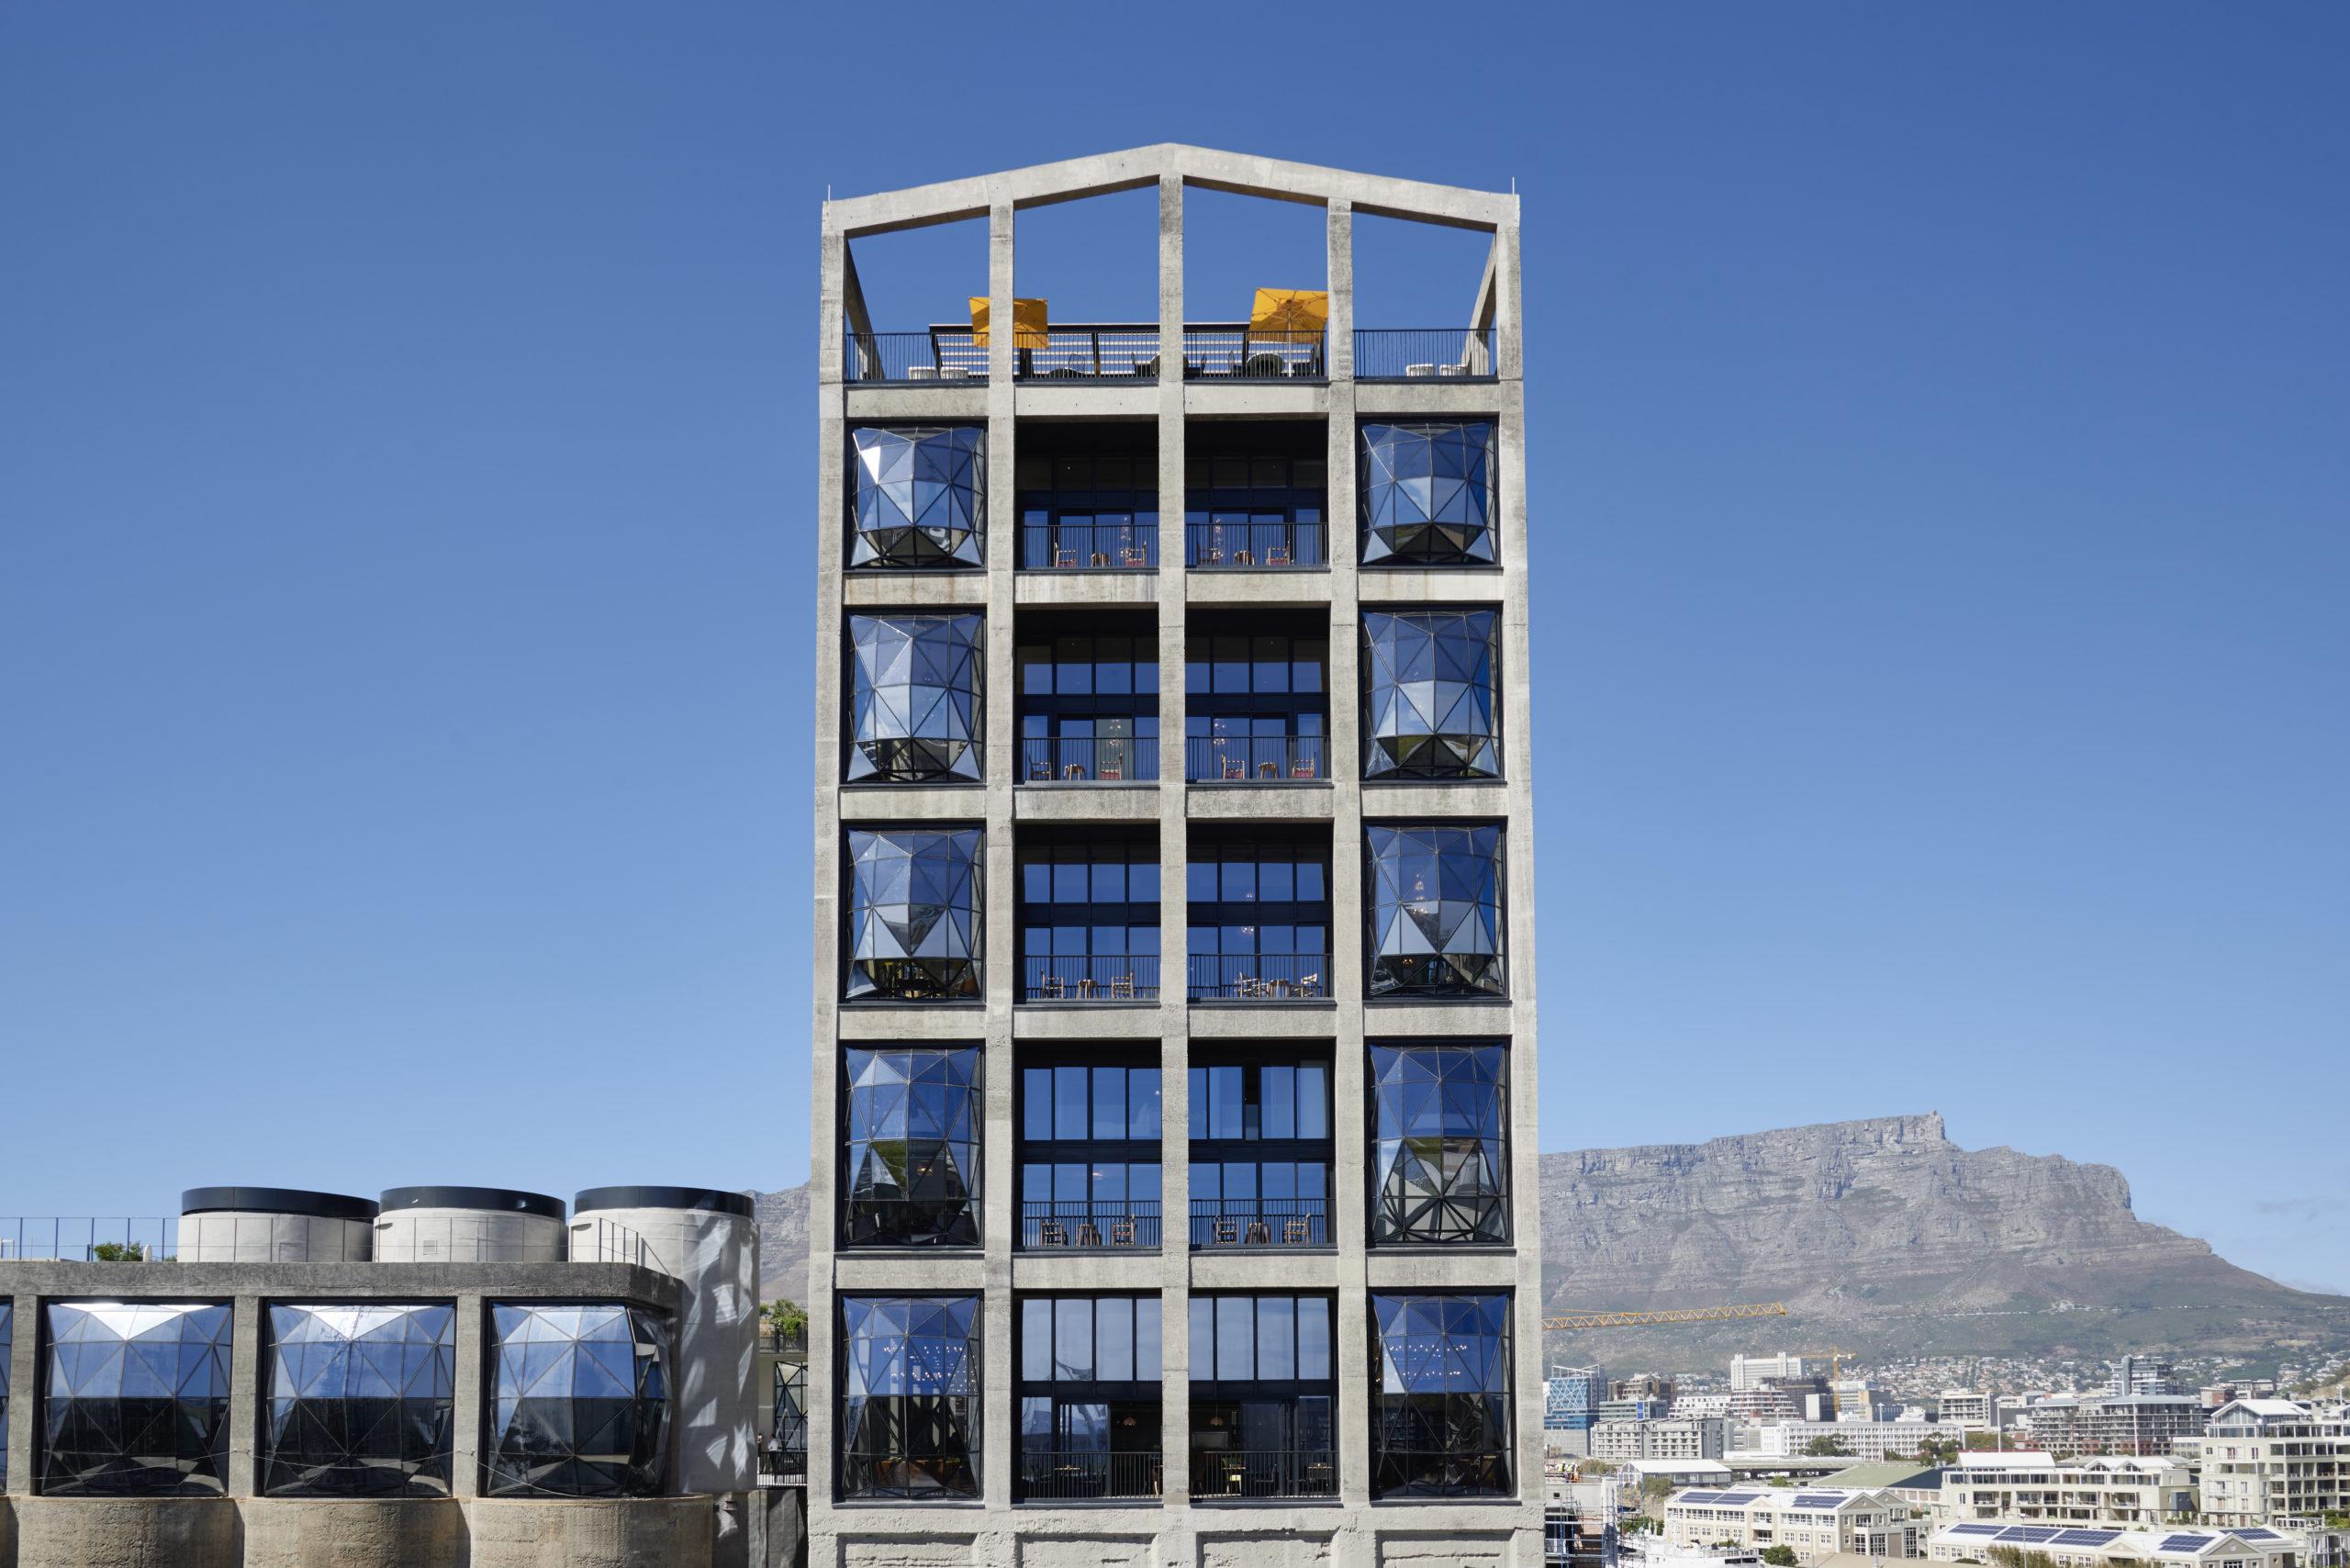 The Silo Hotel in Cape